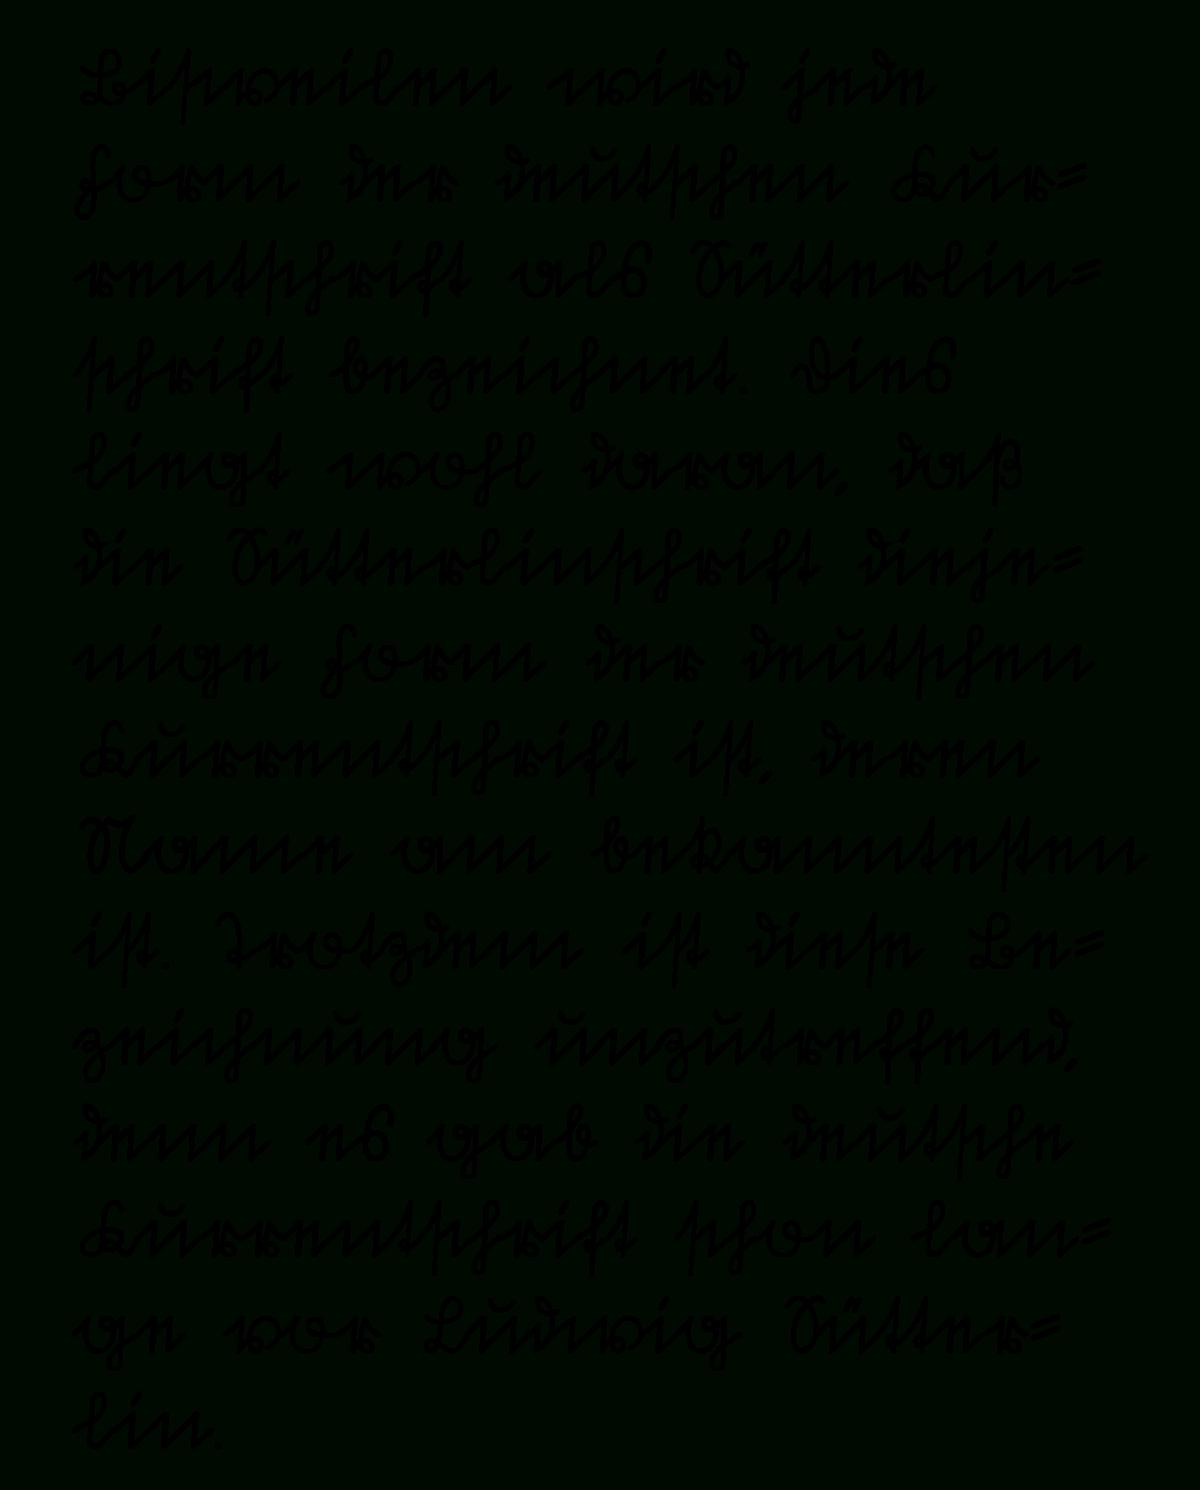 Sütterlin - Wikipedia